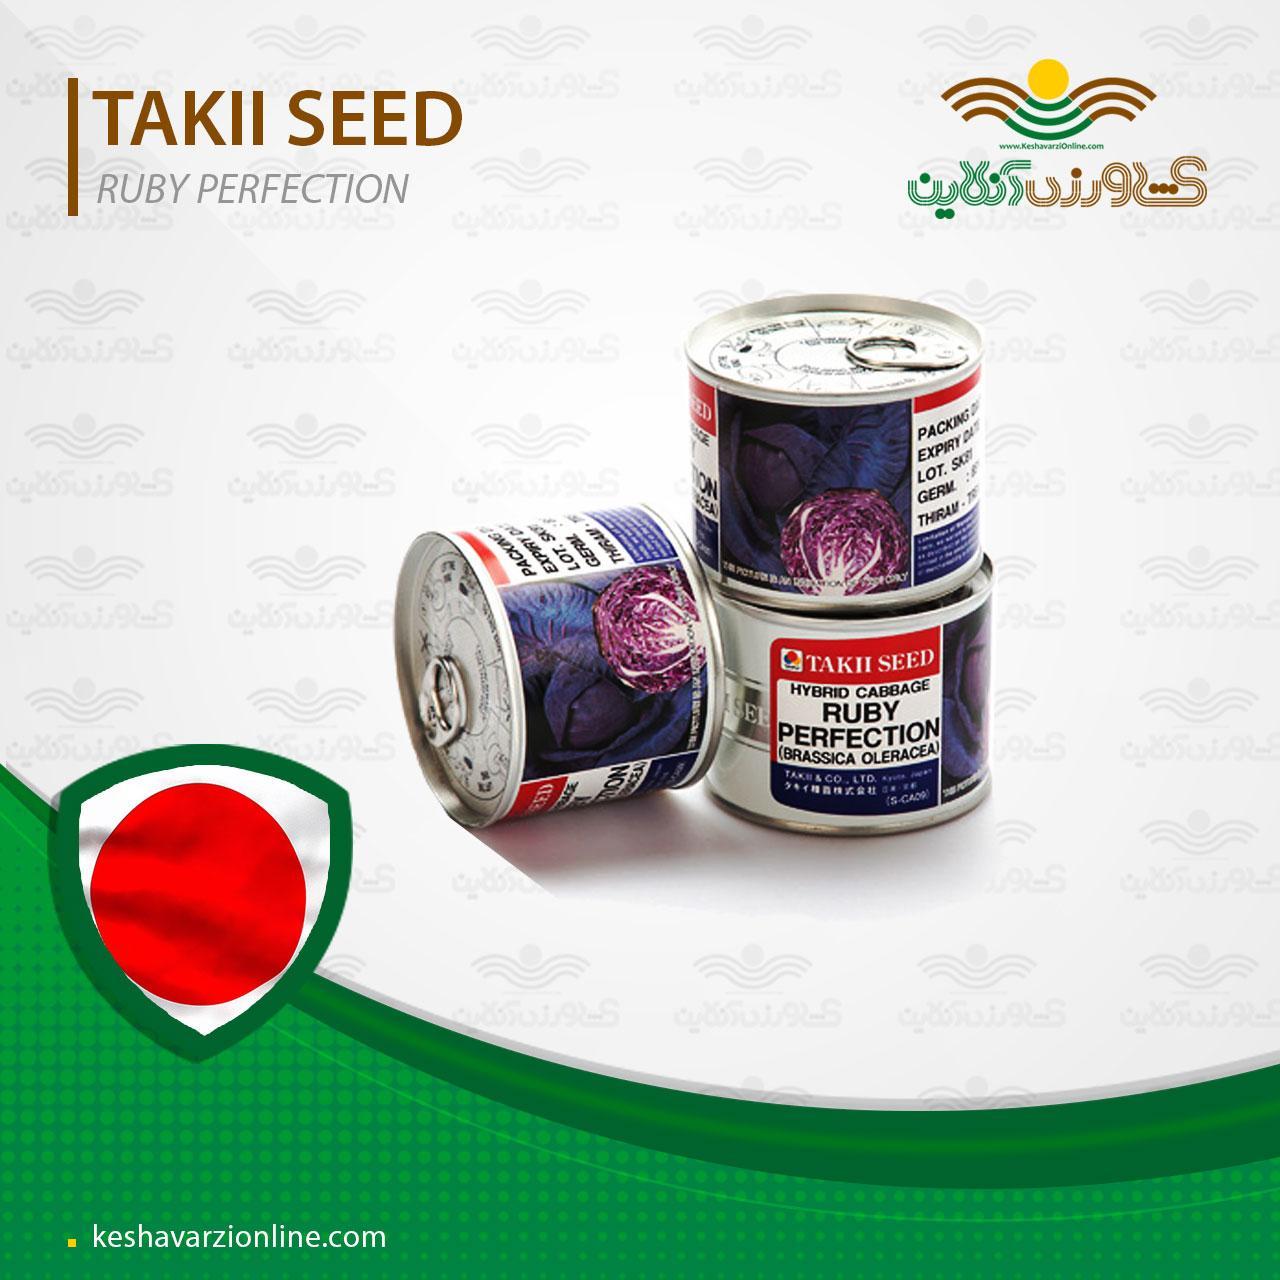 بذر کلم پیچ قرمز رابی پرفکشن تاکی ژاپن